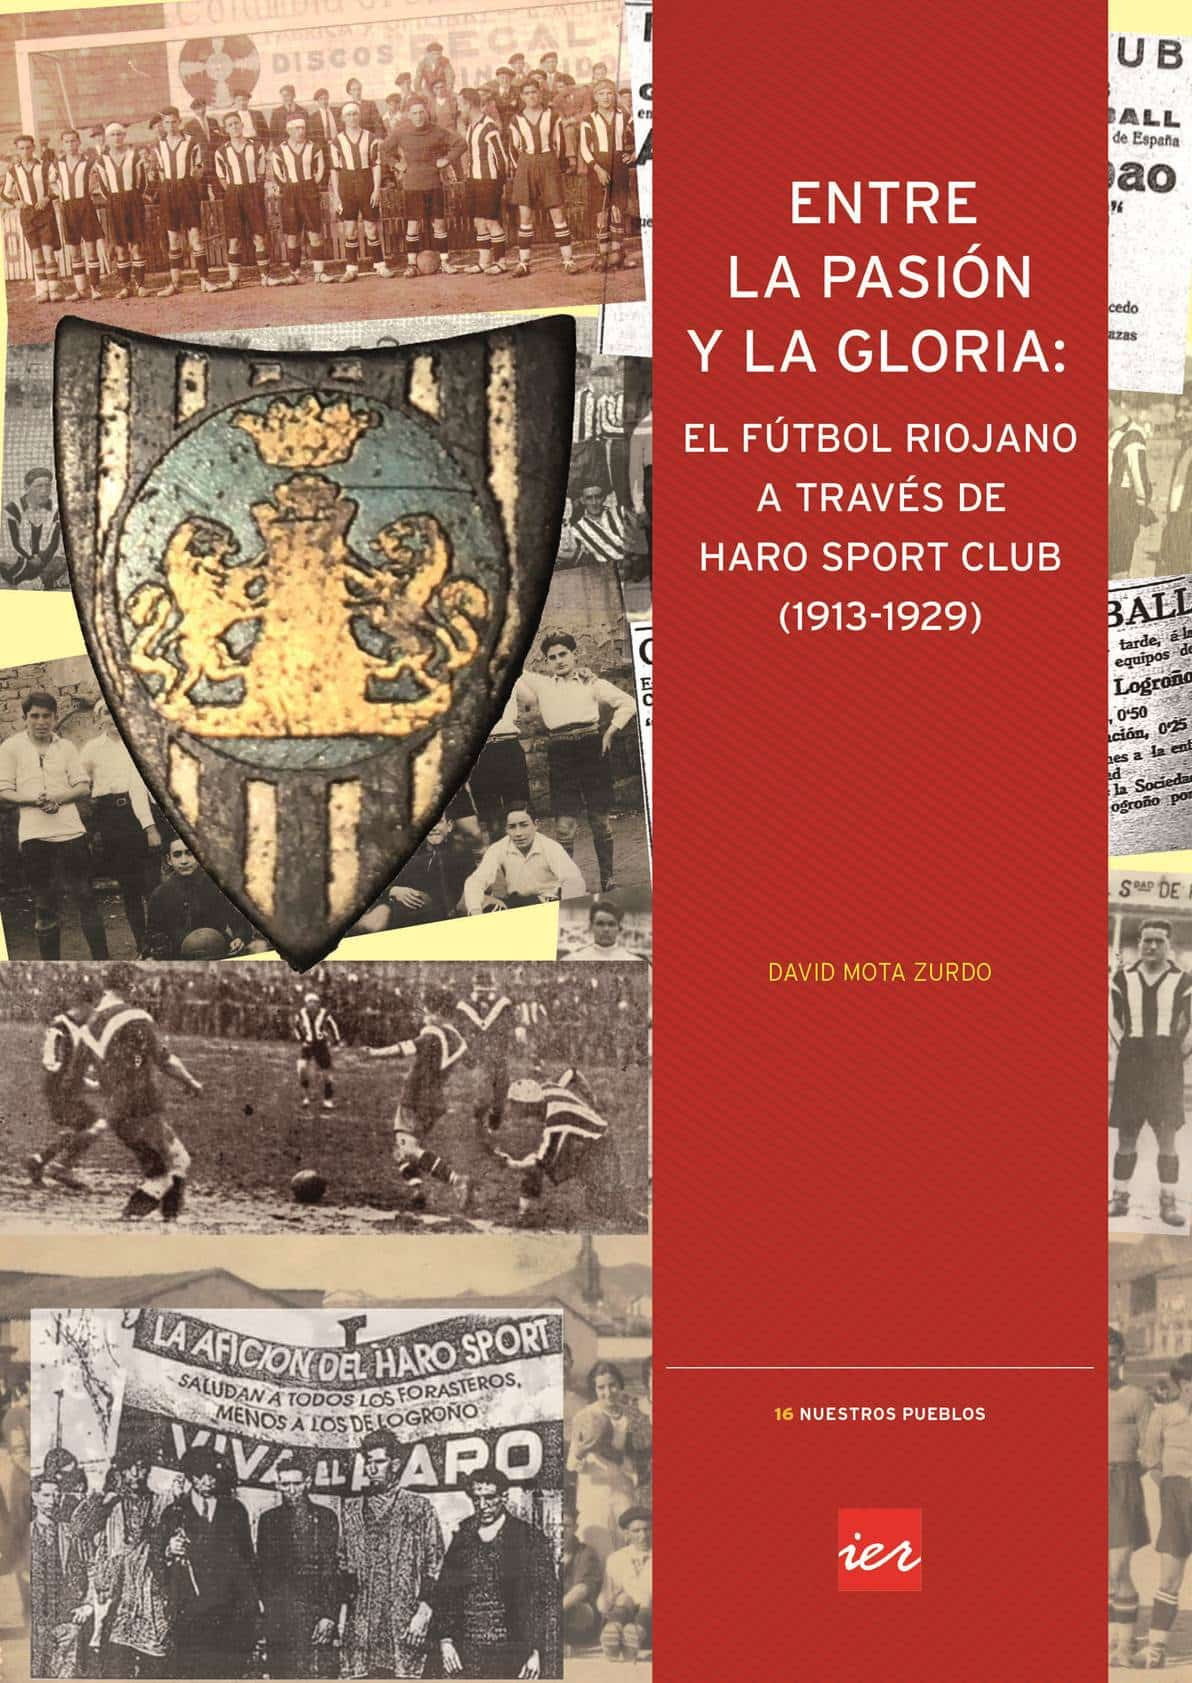 El IER edita un libro sobre los orígenes del fútbol riojano a través de la historia del Haro Sport Club 1